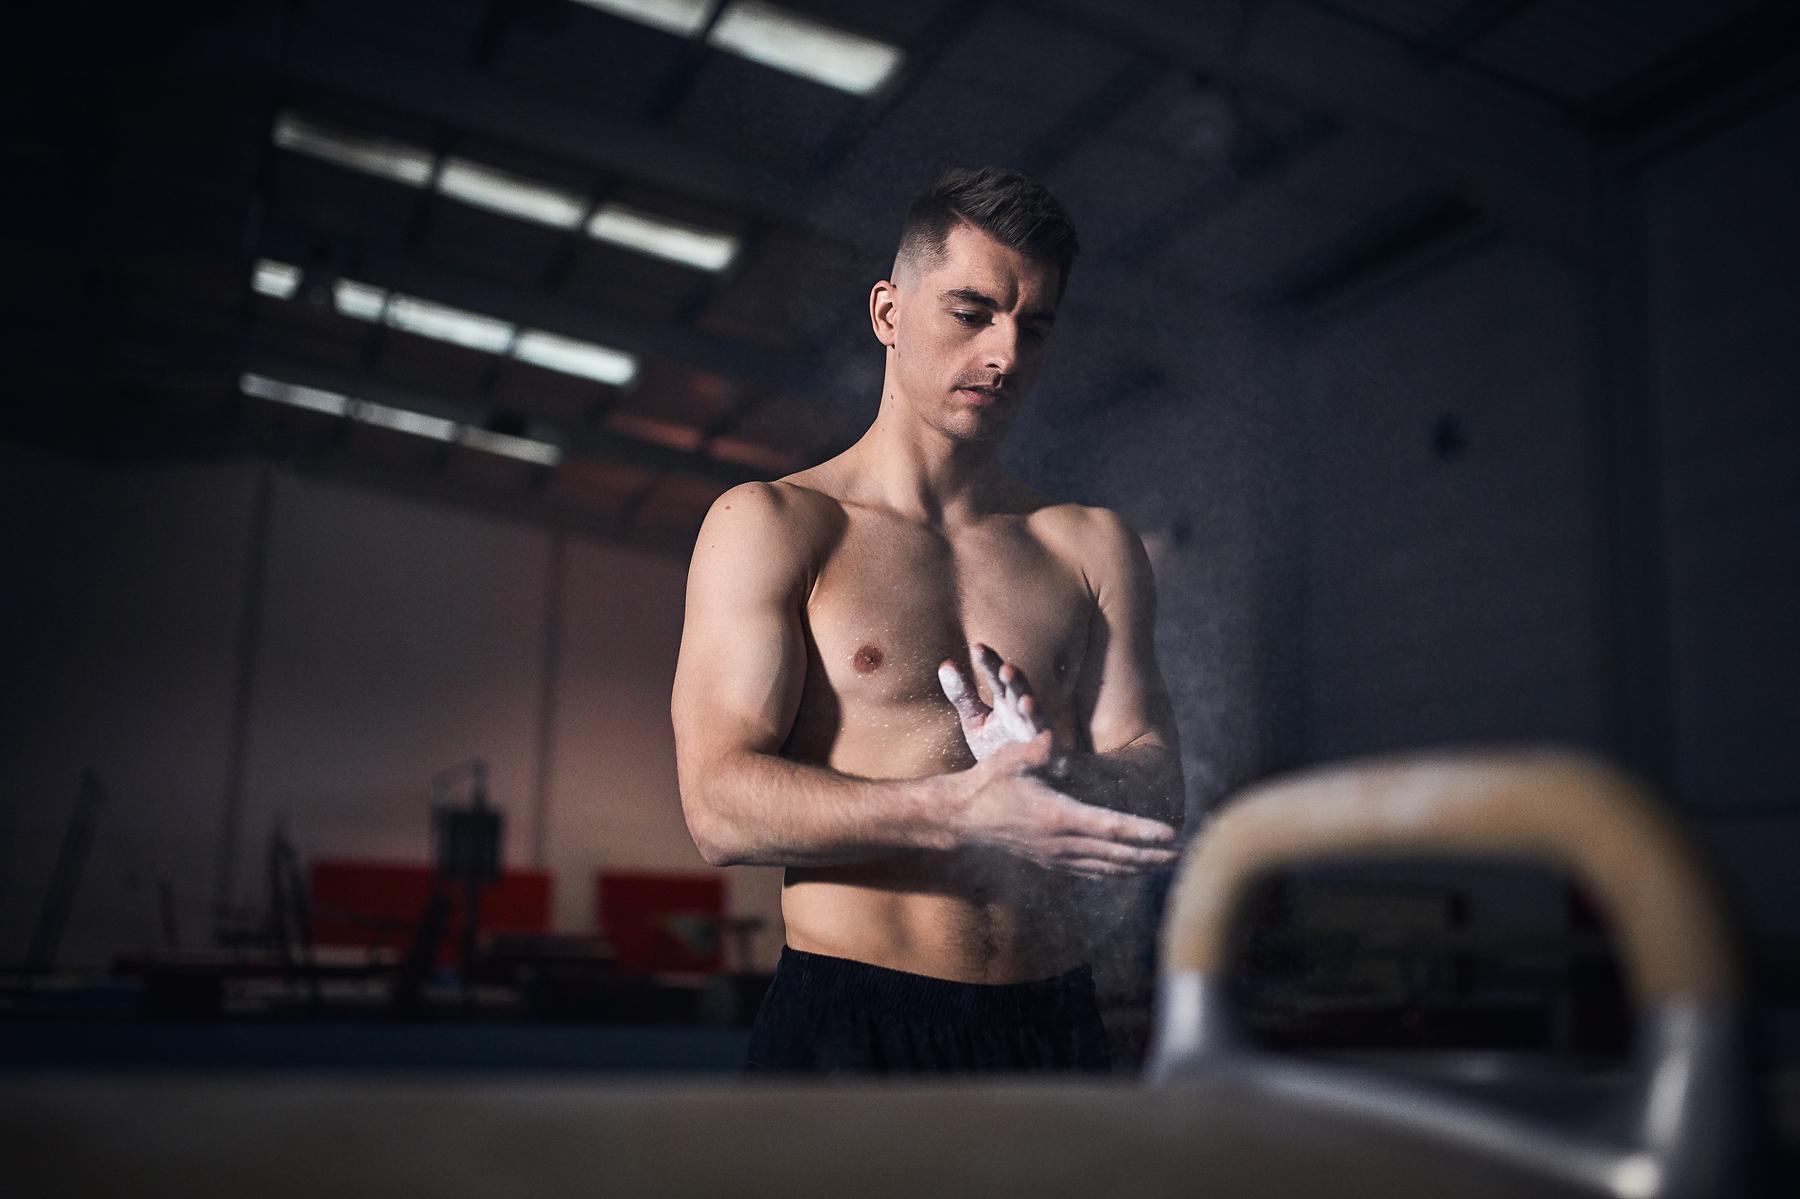 Baue mentale Stärke mit dem olympischen Champ Max Whitlock auf